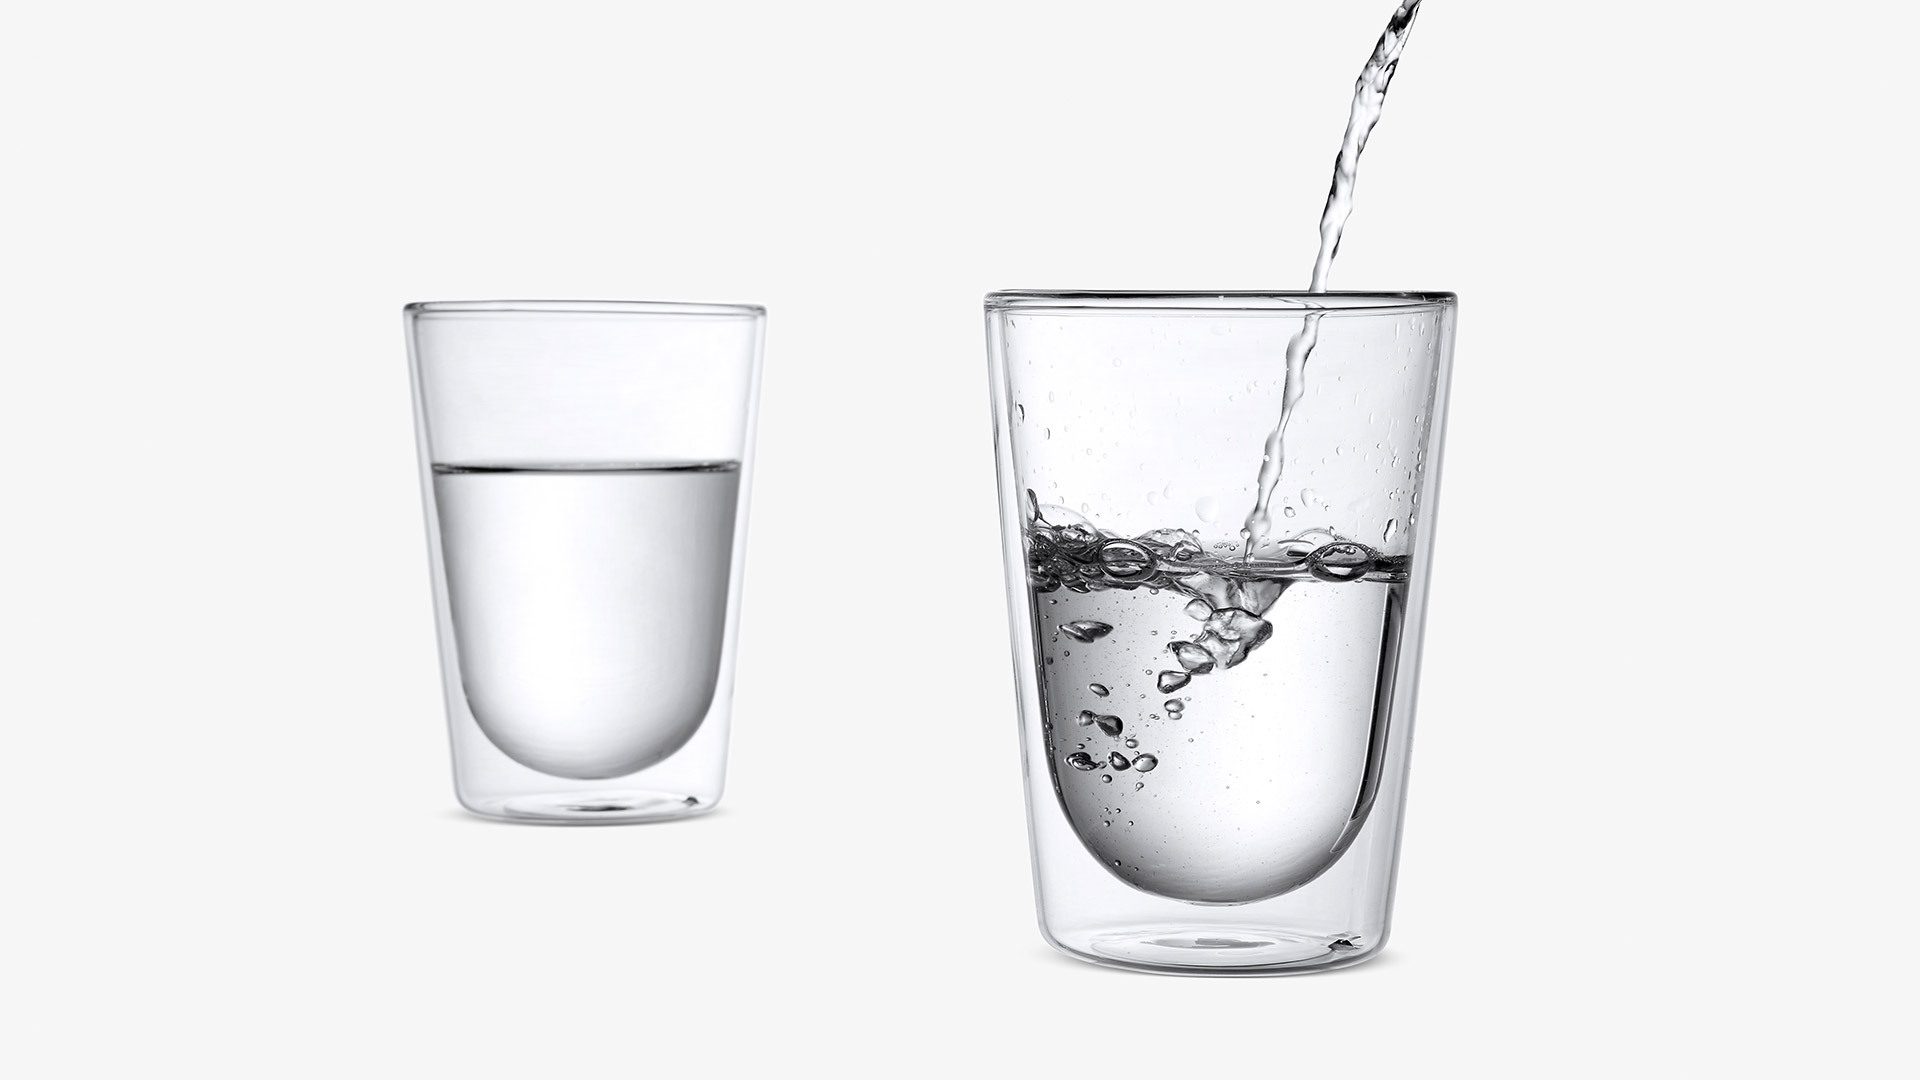 手制玻璃,把纯净还给每一杯水